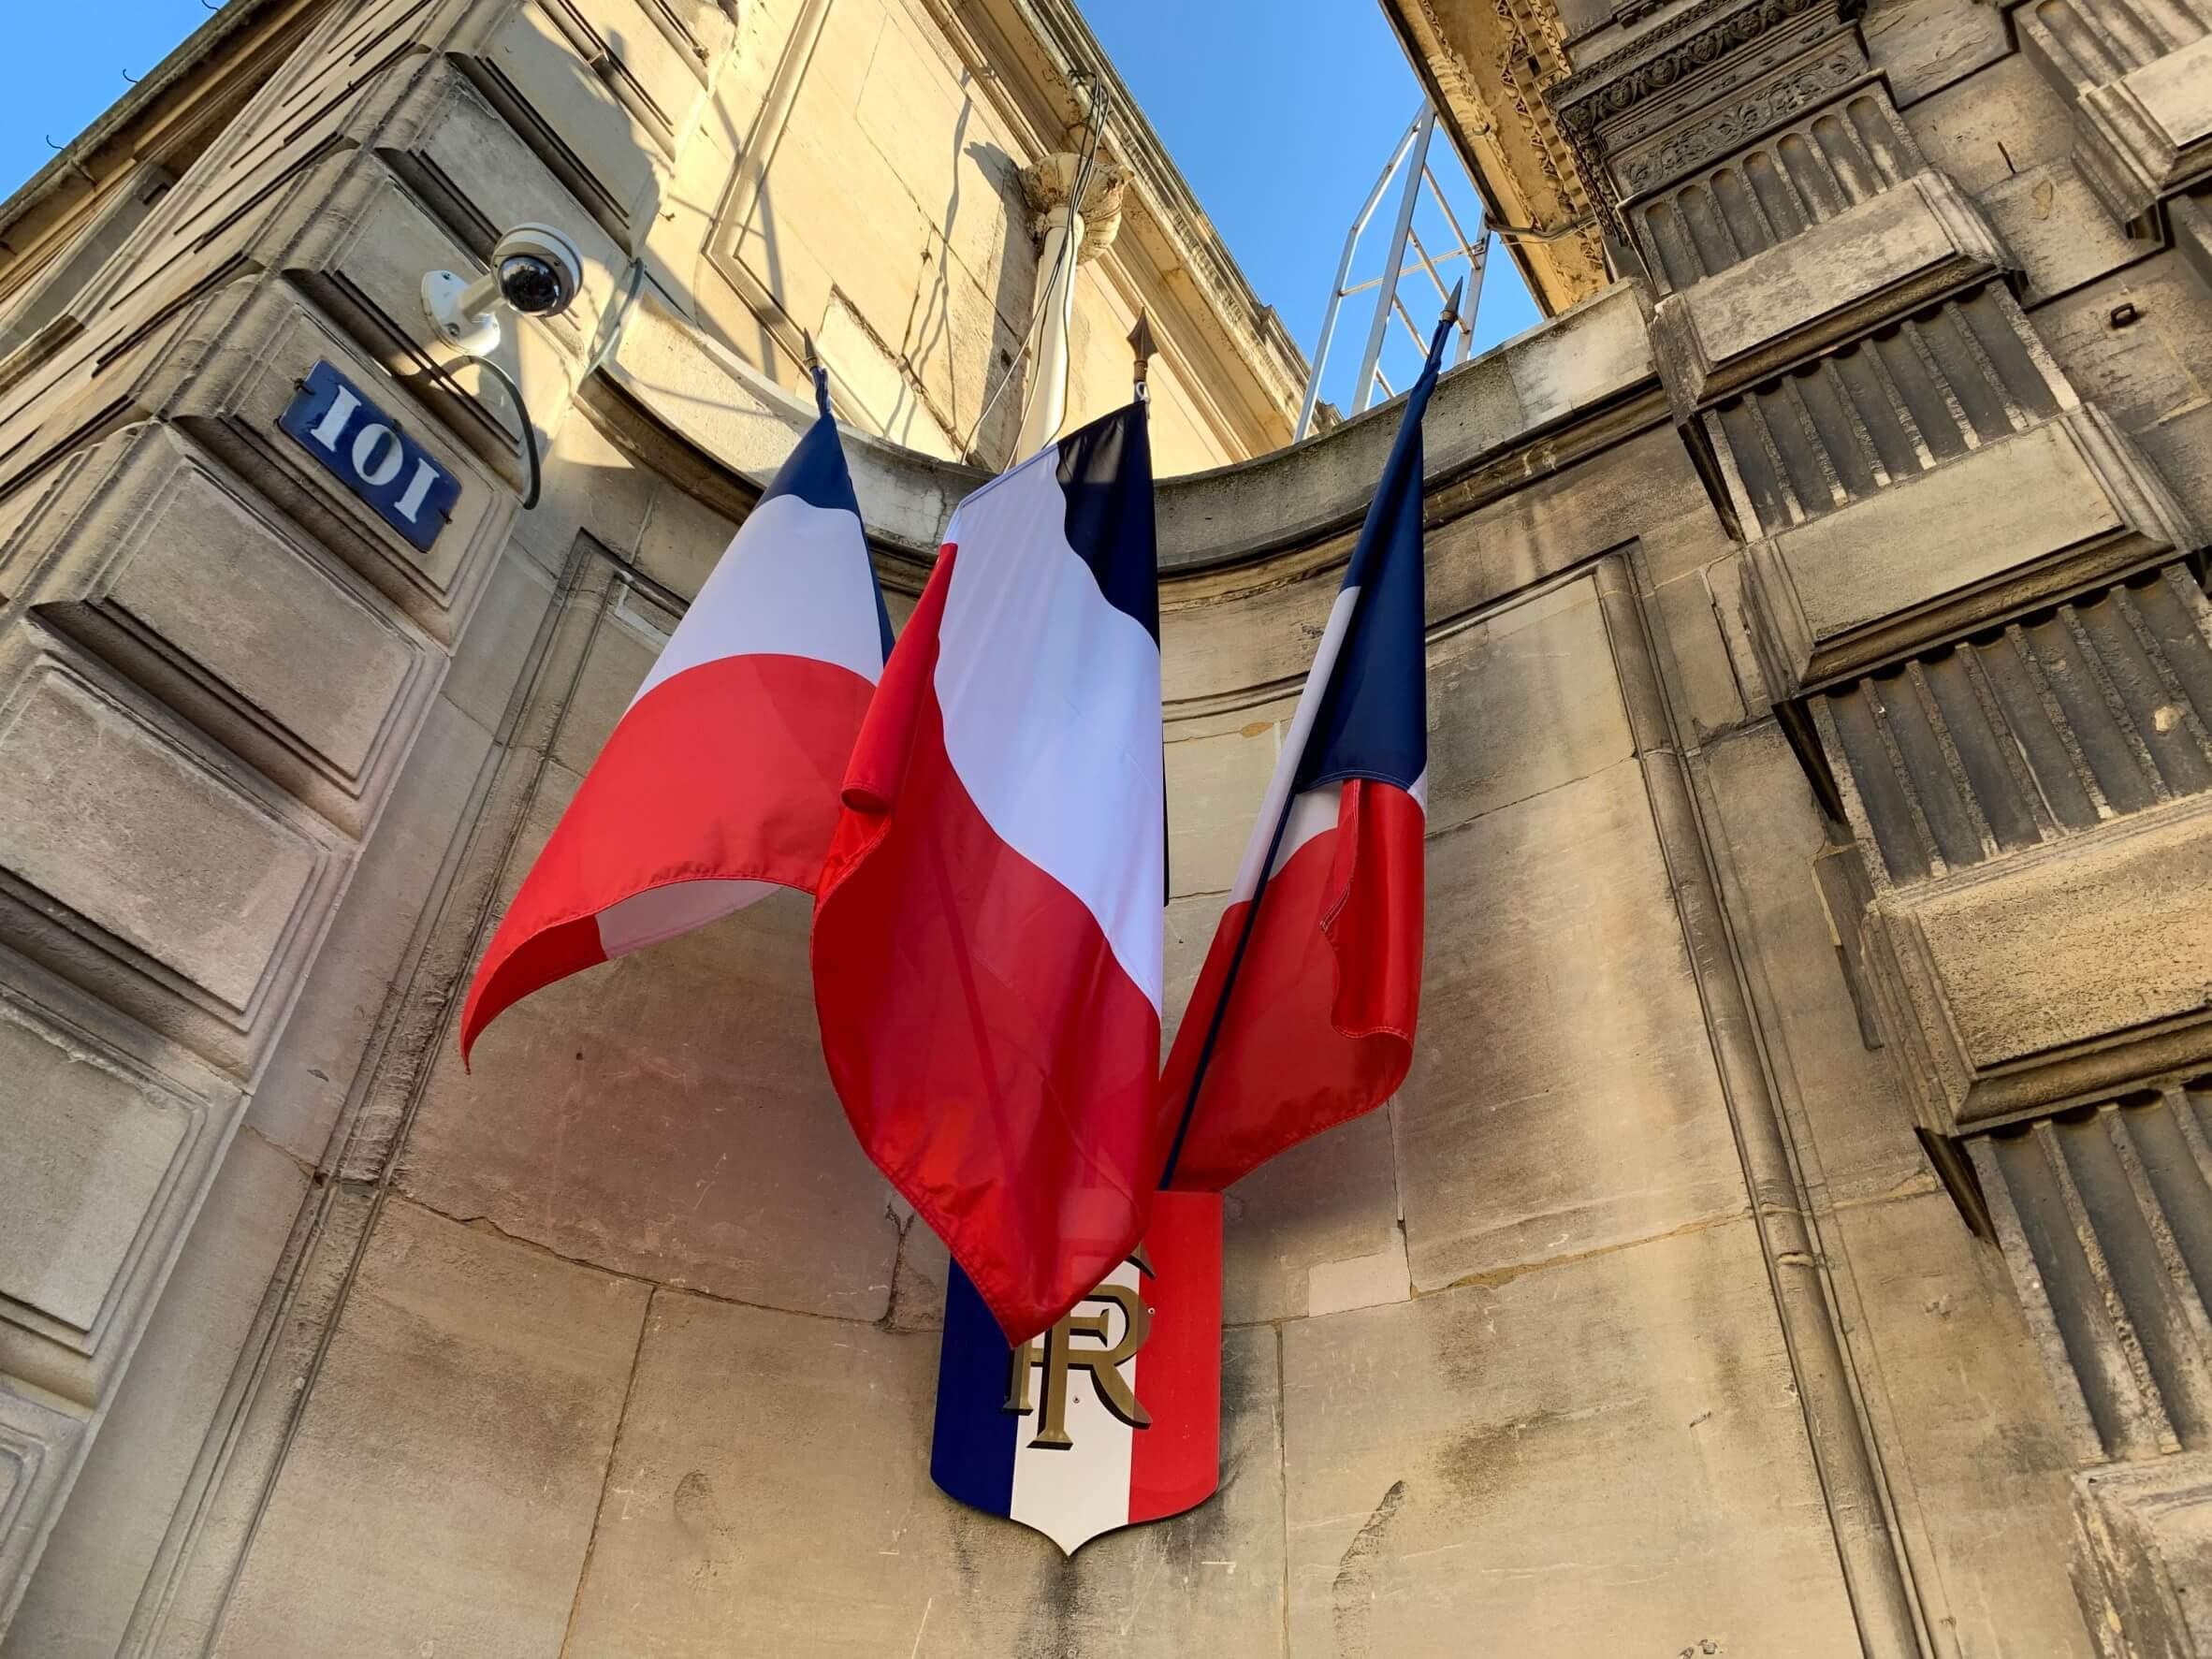 パリ最新情報「パリの救急医に緊急取材、最前線の医師の本音を聞いた」